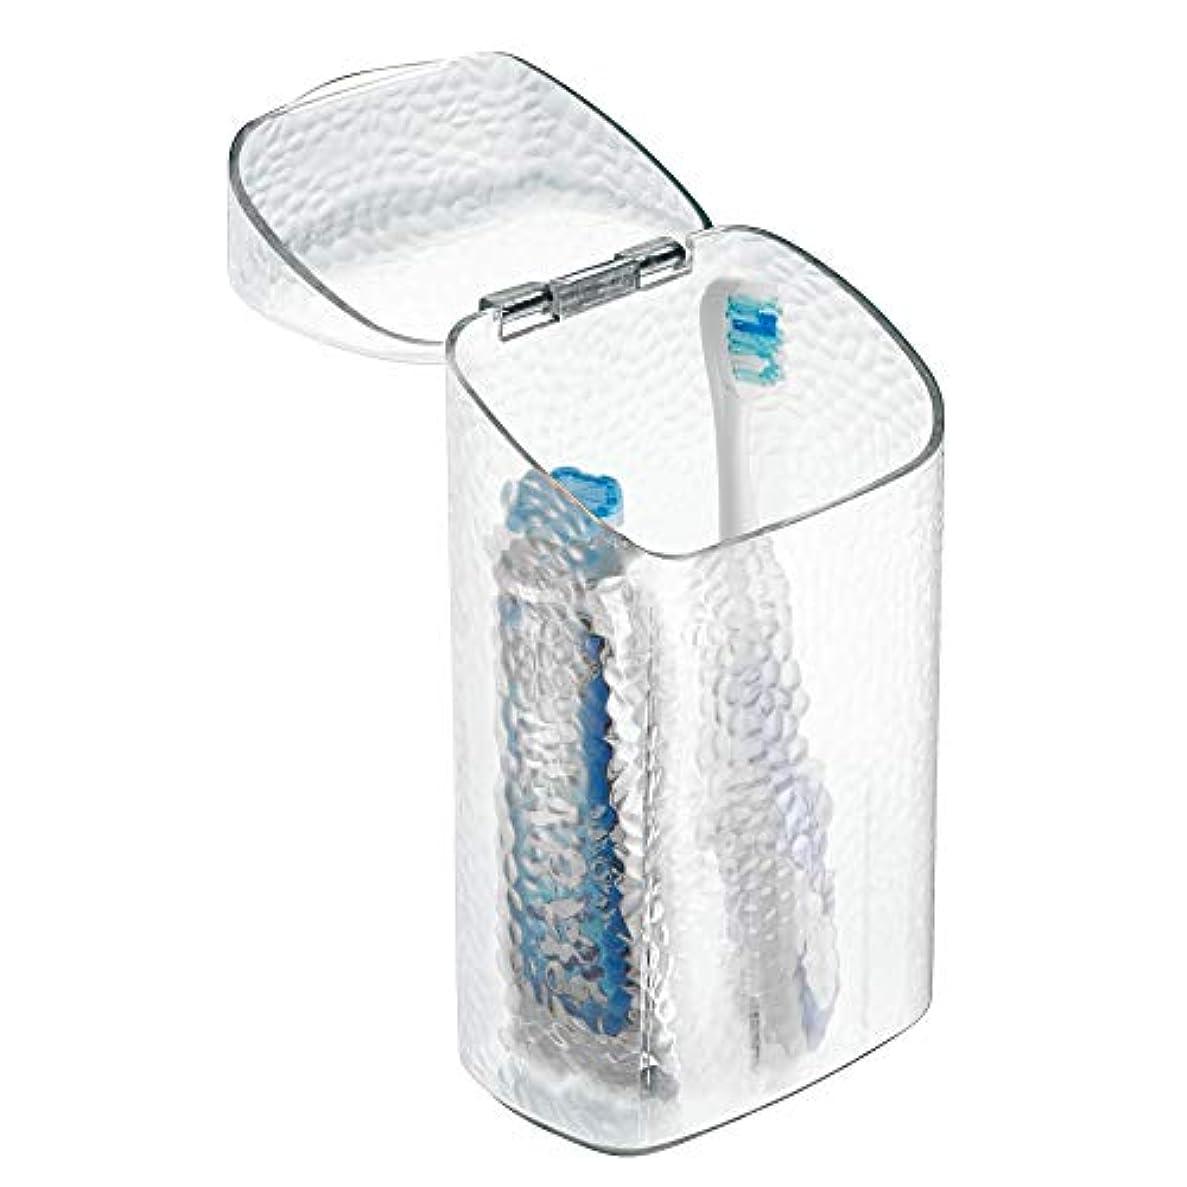 緊張マイクロプロセッサ味方InterDesign Rain Dental Center Toothbrush and Toothpaste Holder/Case - Clear by InterDesign